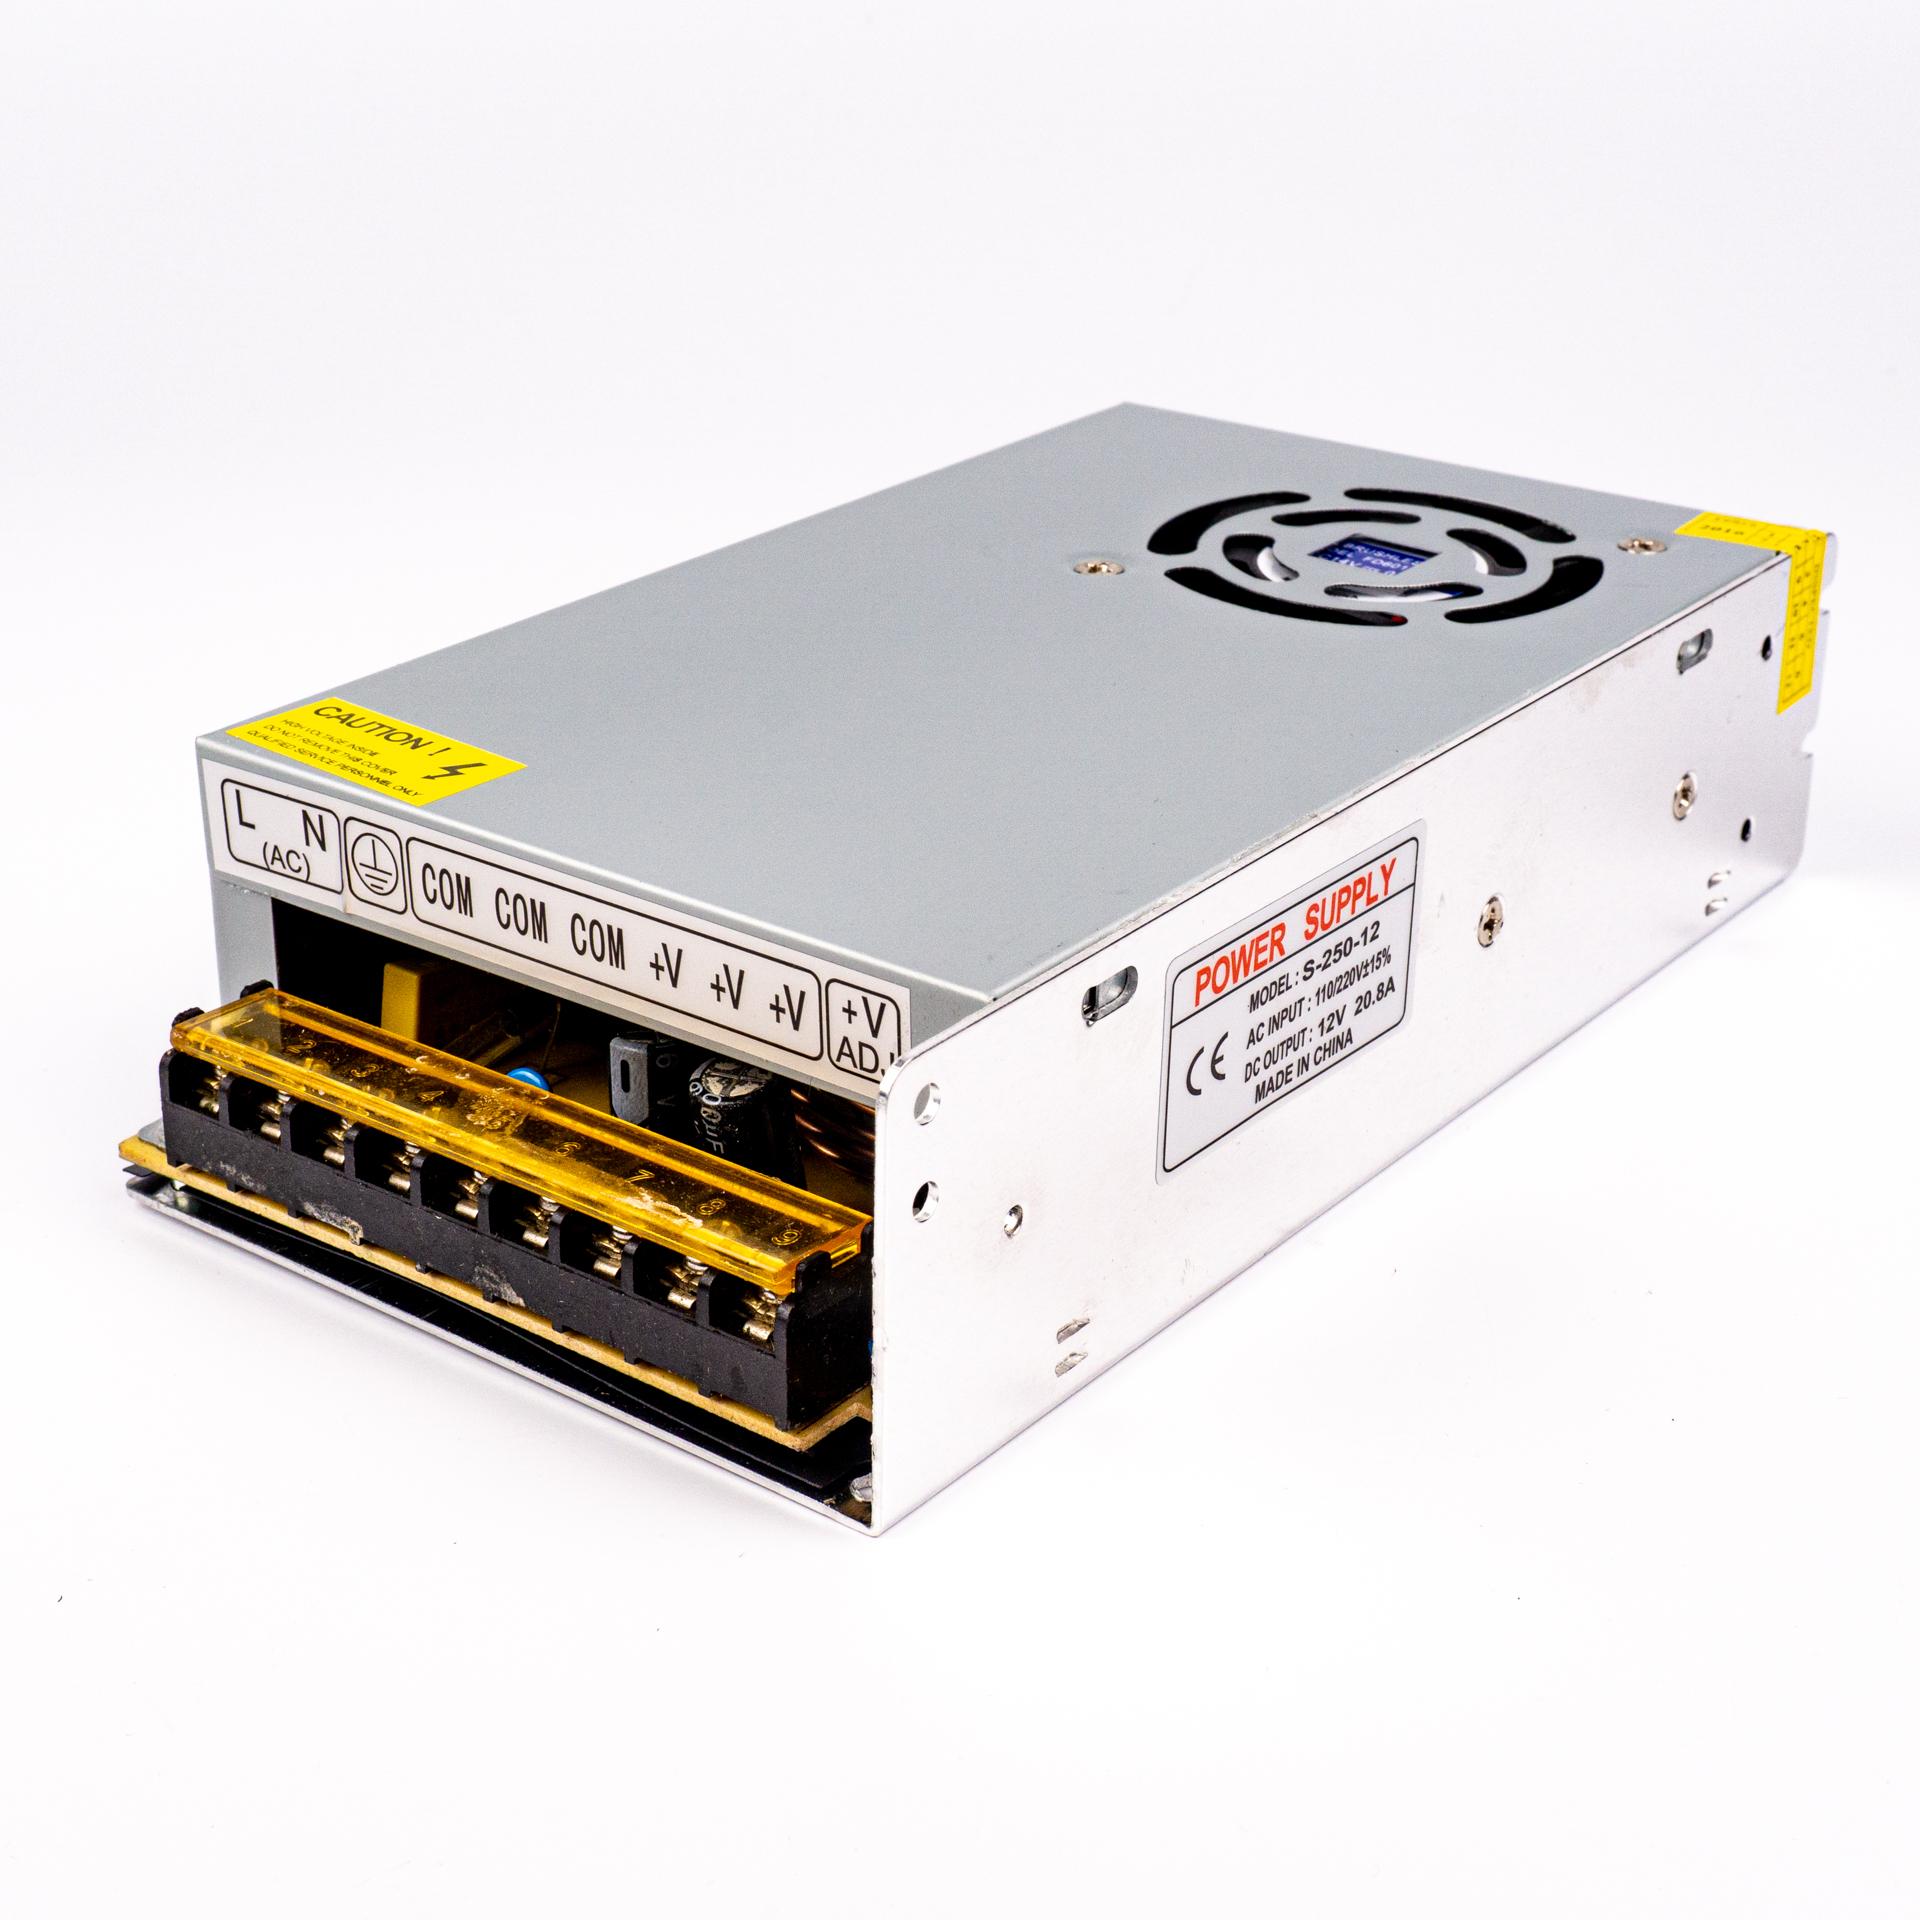 LED Tápegység Fém Házas Ipari 12V 20A 240W Ventilátoros LP-20AV